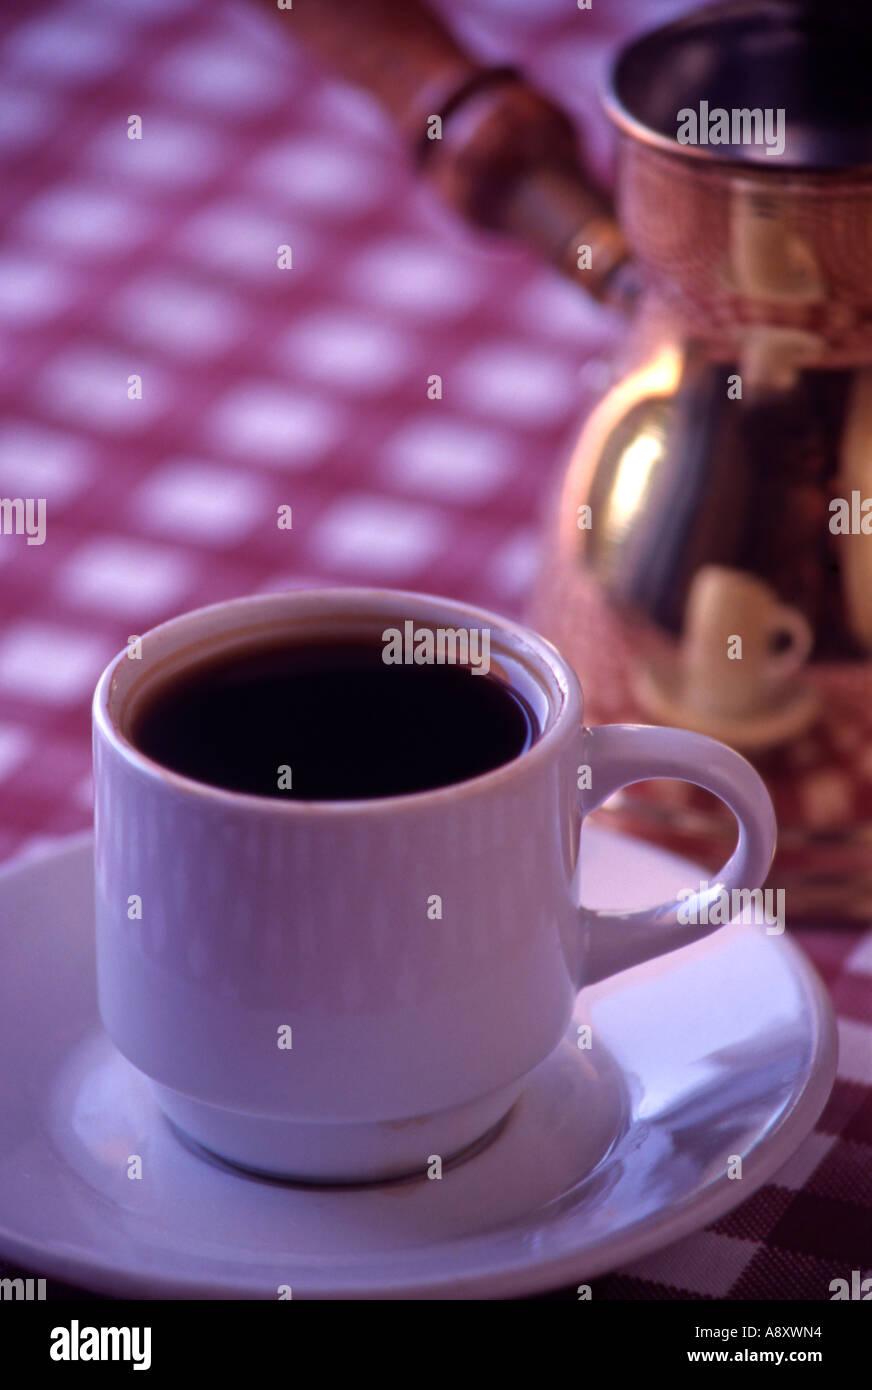 Cafetera Arabe Fotos E Imagenes De Stock Alamy